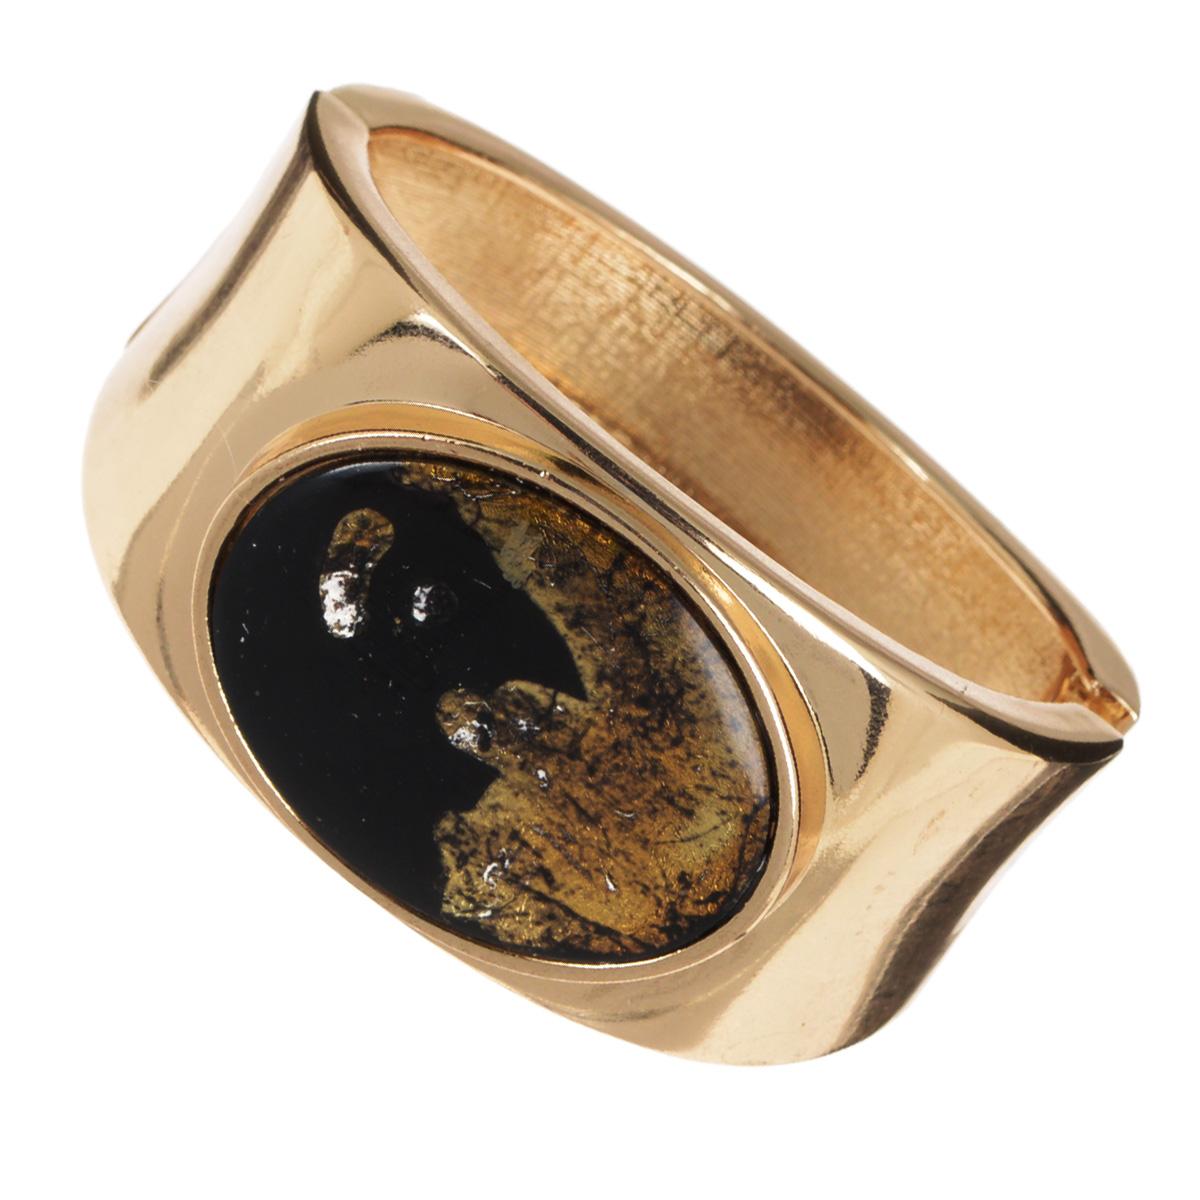 Браслет AtStyle247, цвет: золотой. T-B-8548-BRAC-GOLD.BLACKБраслет для шармовШикарный женский браслет AtStyle247 изготовлен из металла золотого цвета. Модель оформлена посередине крупной вставкой из пластика, стилизованной под камень. Браслет застегивается при помощи шарнирного замка. Прочный каркасизделия защищает его от различных механических повреждений.Это роскошное украшение подчеркнет ваш отменный вкус и эффектно дополнит модный образ.